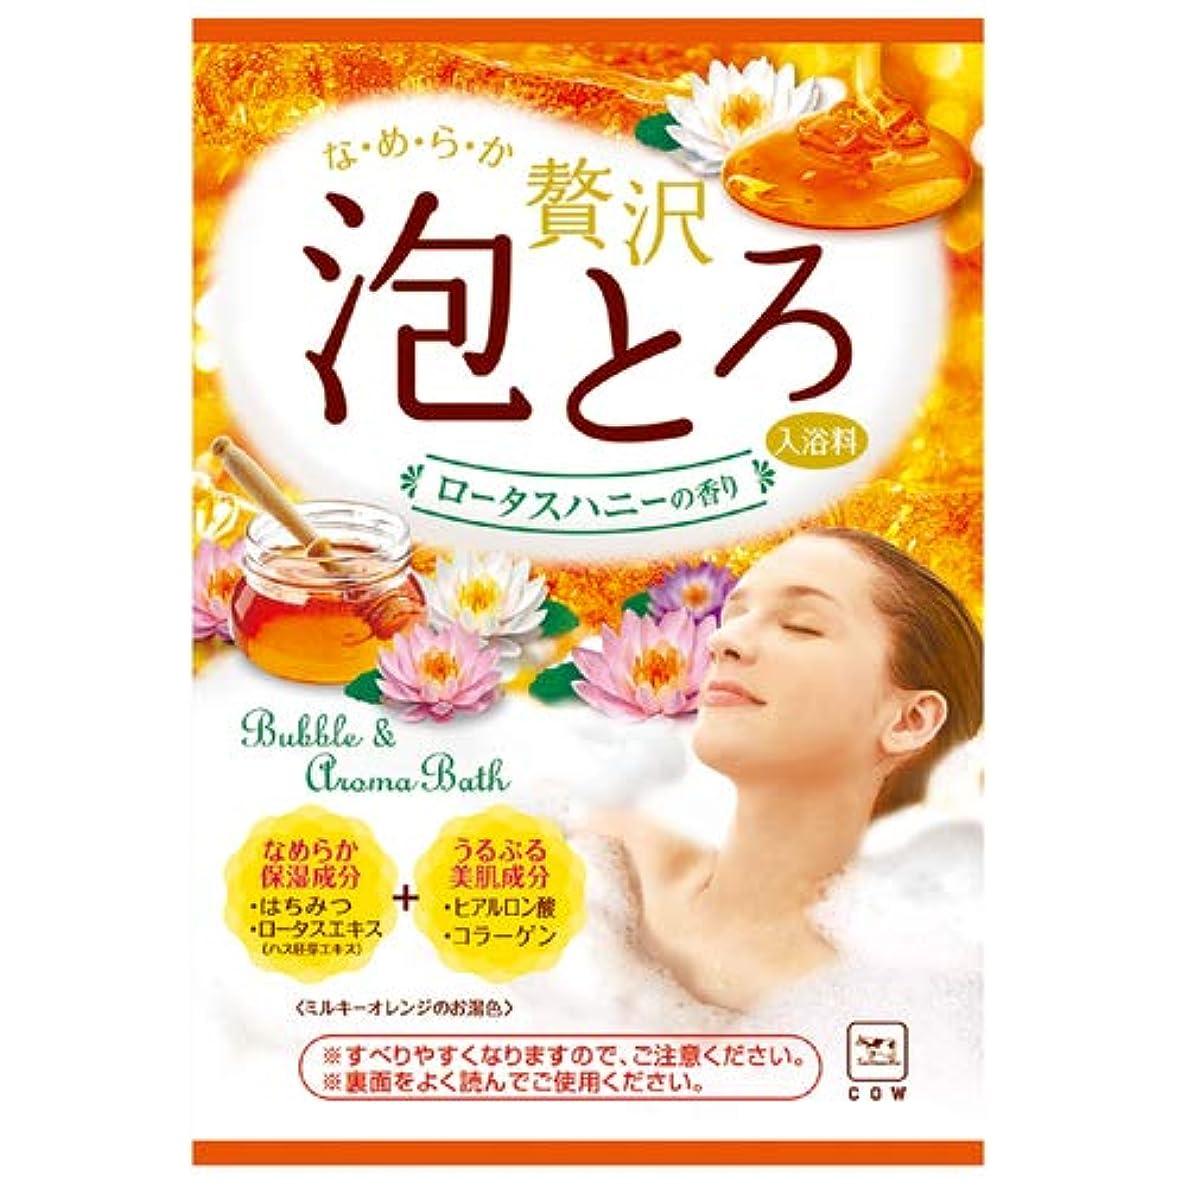 階段教フレキシブルお湯物語 贅沢泡とろ入浴料 ロータスハニーの香り 30g